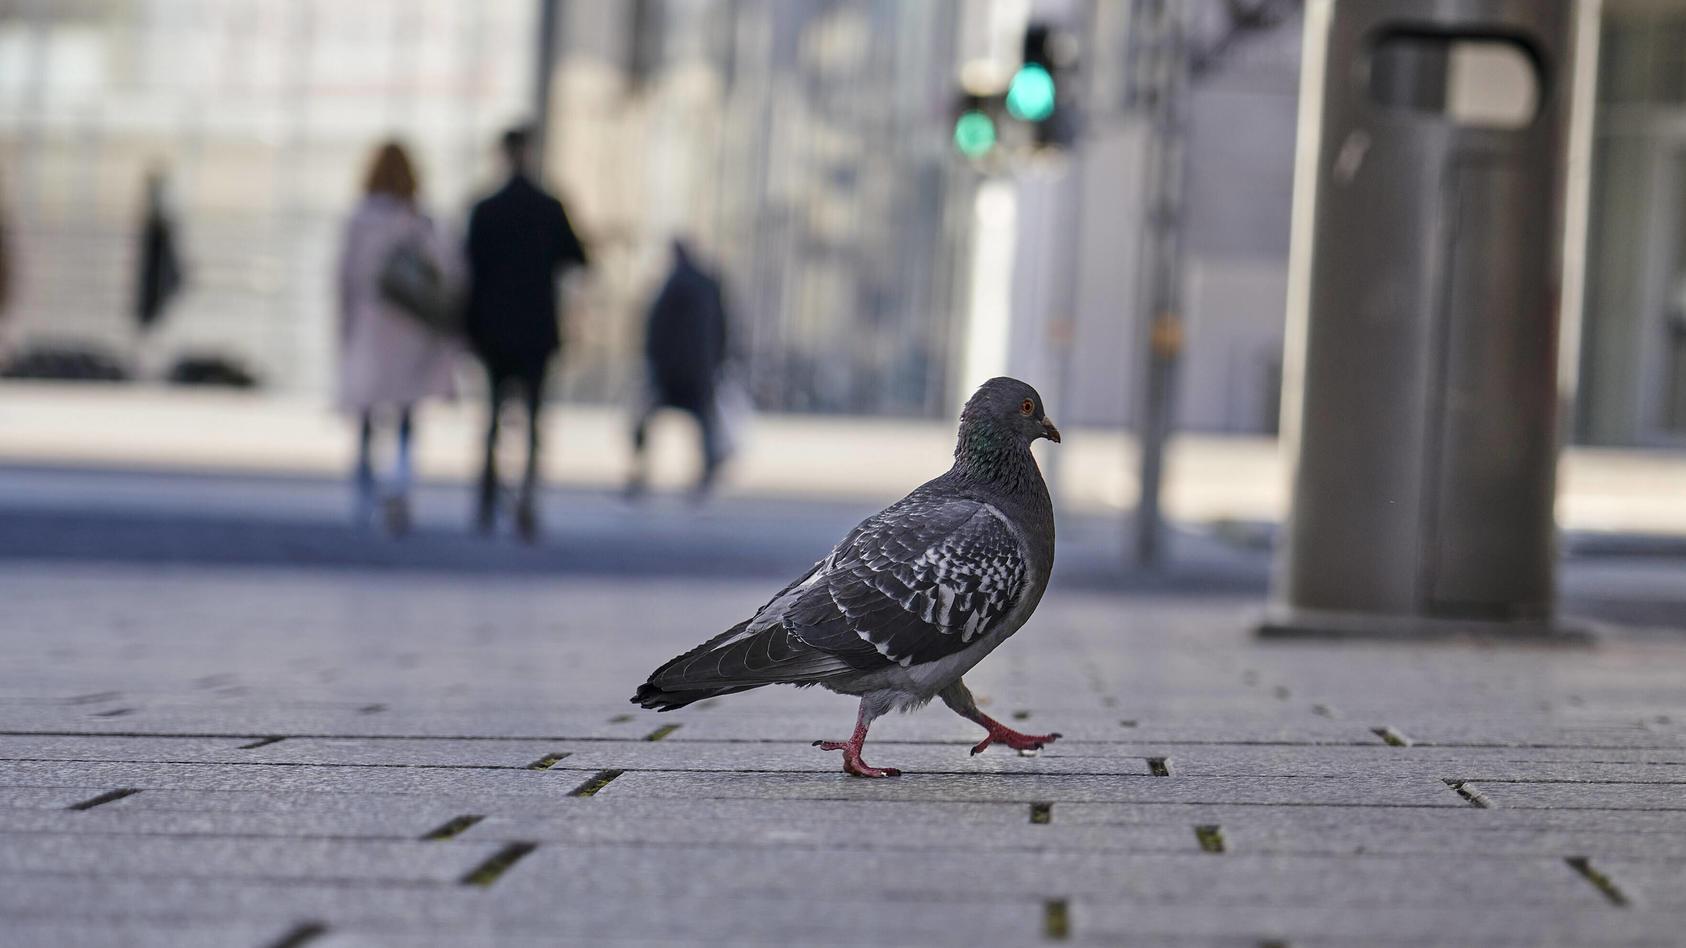 Der Deutsche Tierschutzbund befürchtet, dass tausende Tauben verhungern, da weniger Essensreste auf den Straßen landen.